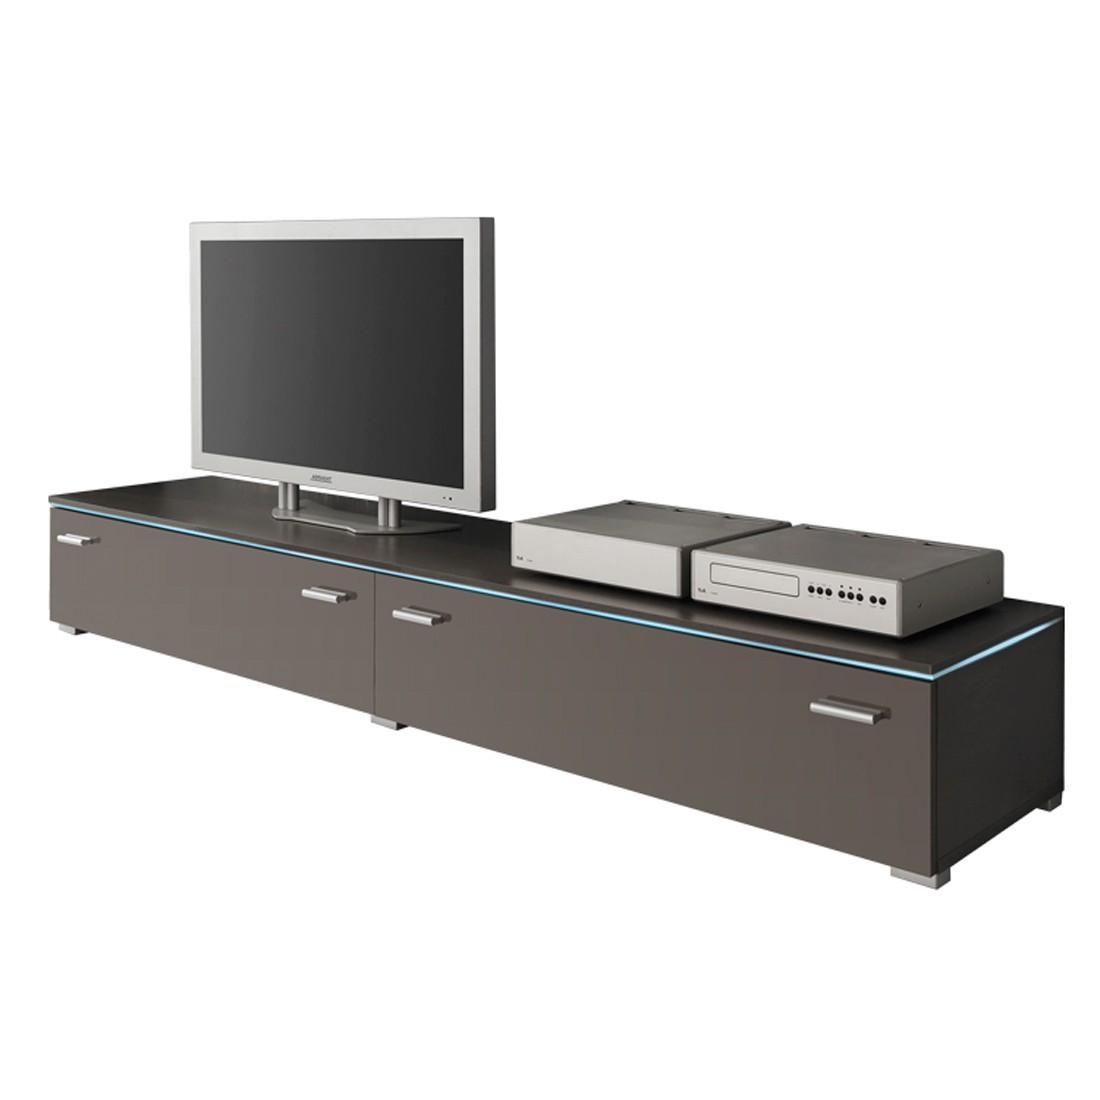 TV-Element Jolly II – mit zwei Klappen – Hochglanz Anthrazit – 180 cm, California günstig kaufen